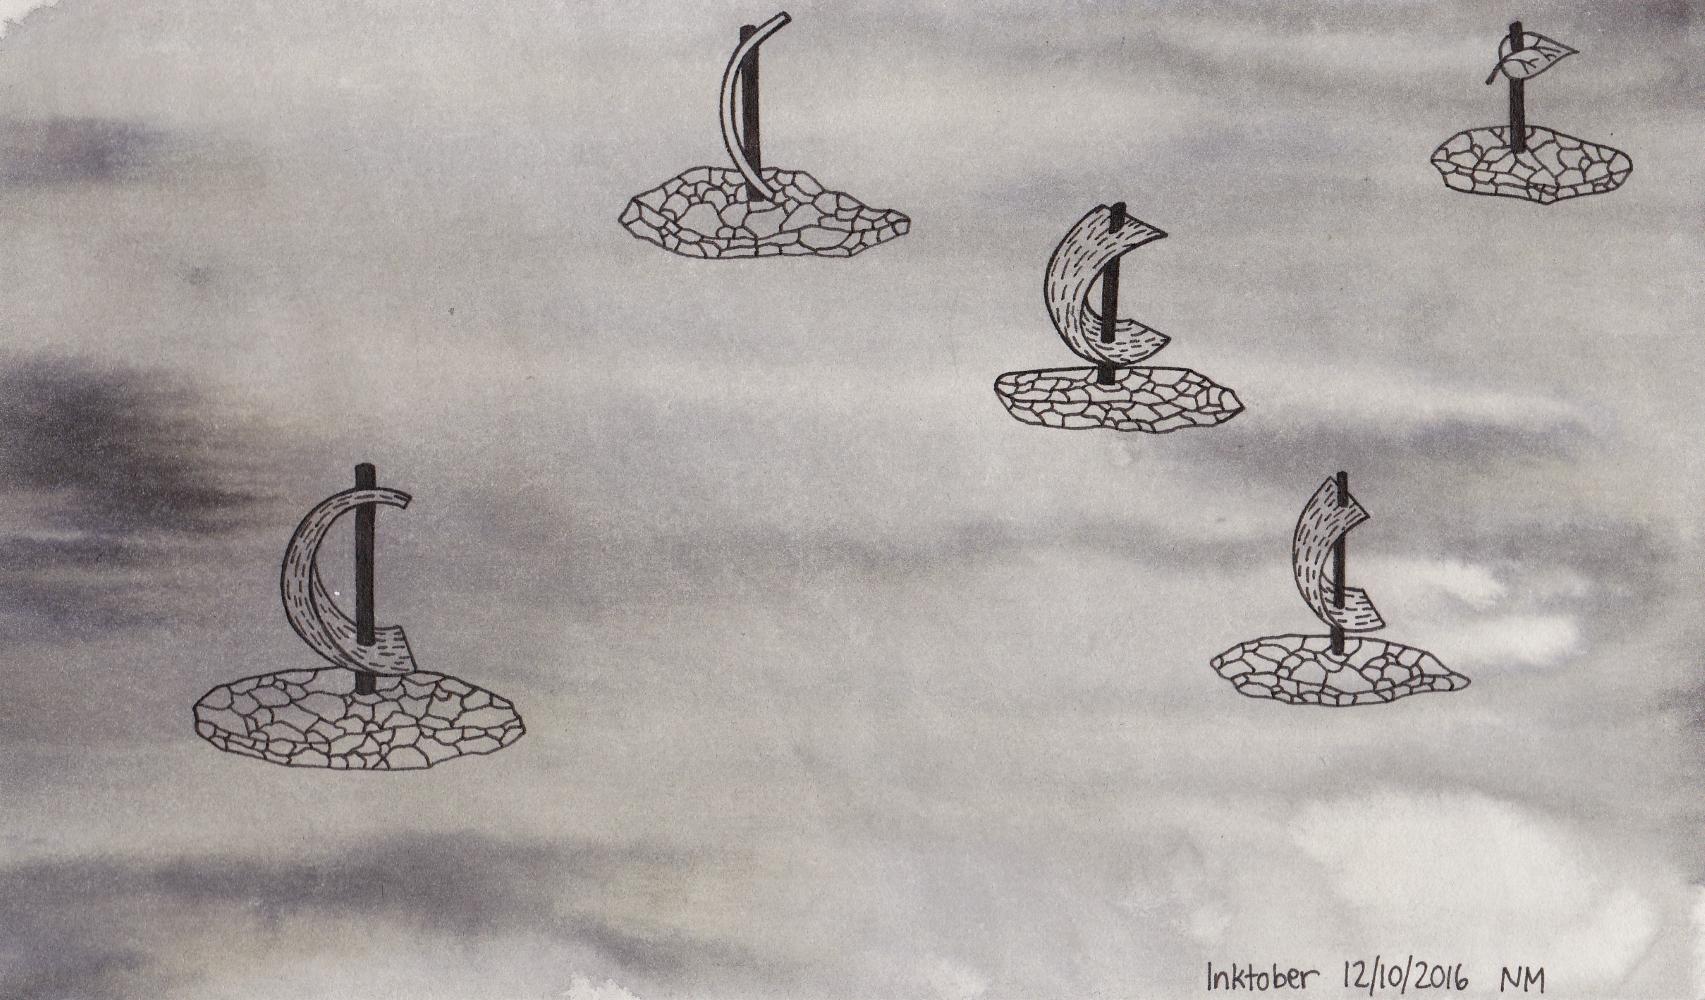 kaarnalaivat